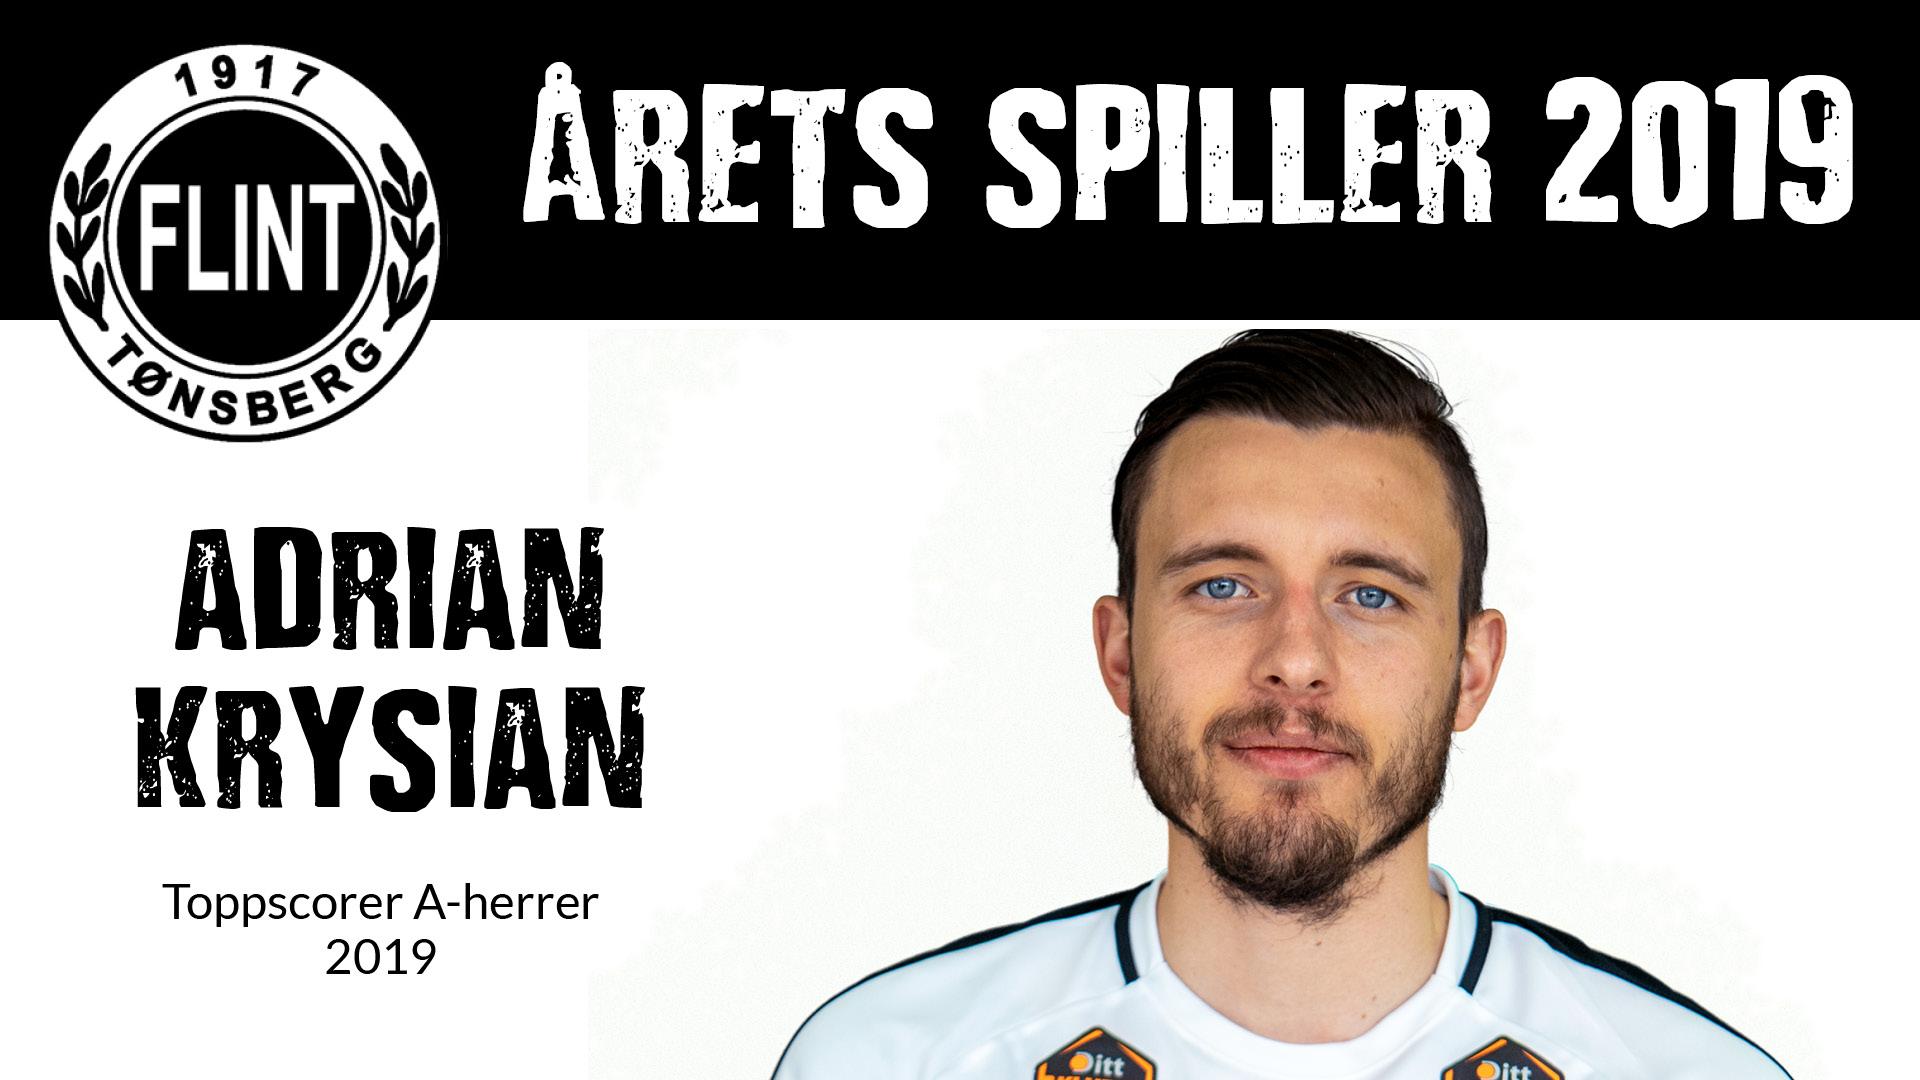 https://www.flintfotball.no/wp-content/uploads/2020/05/Årets-Spiller-herrer.jpg